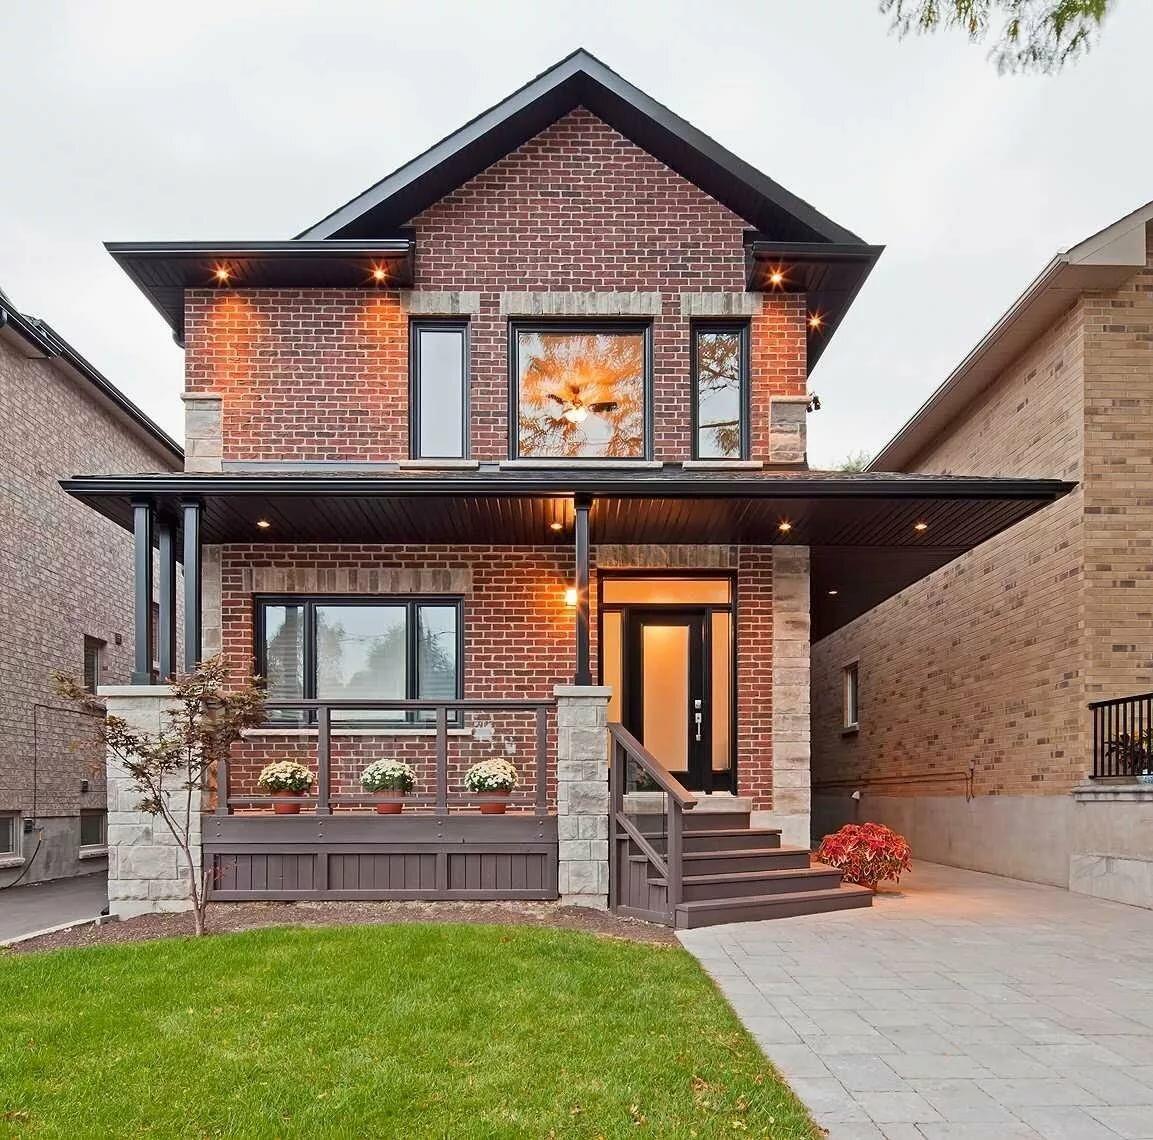 красивые строгие небольшие дома из кирпича фото